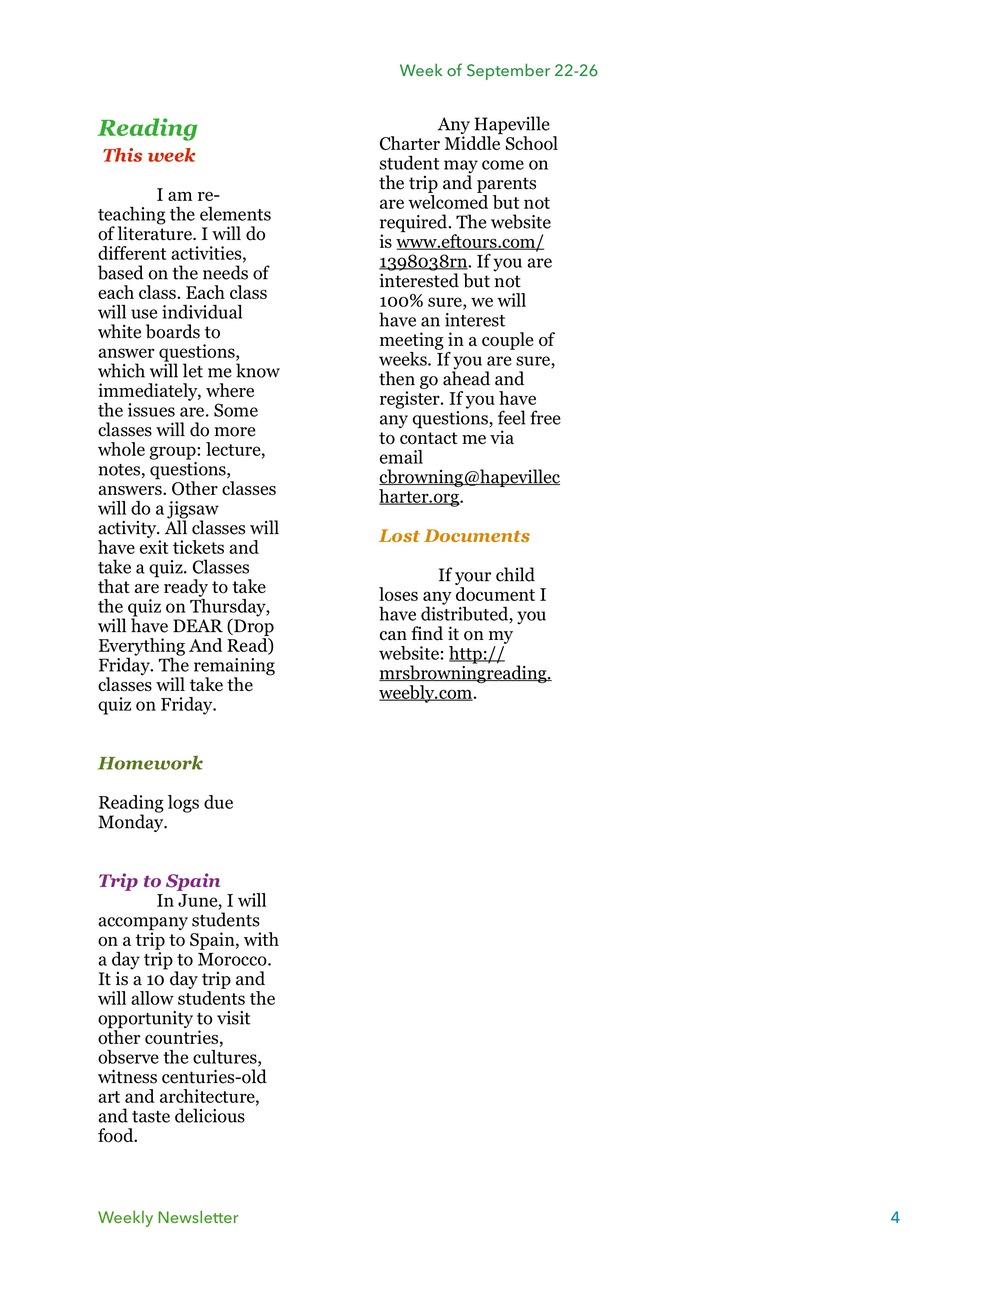 Newsletter ImageSeptember 22-26pdf 4.jpeg